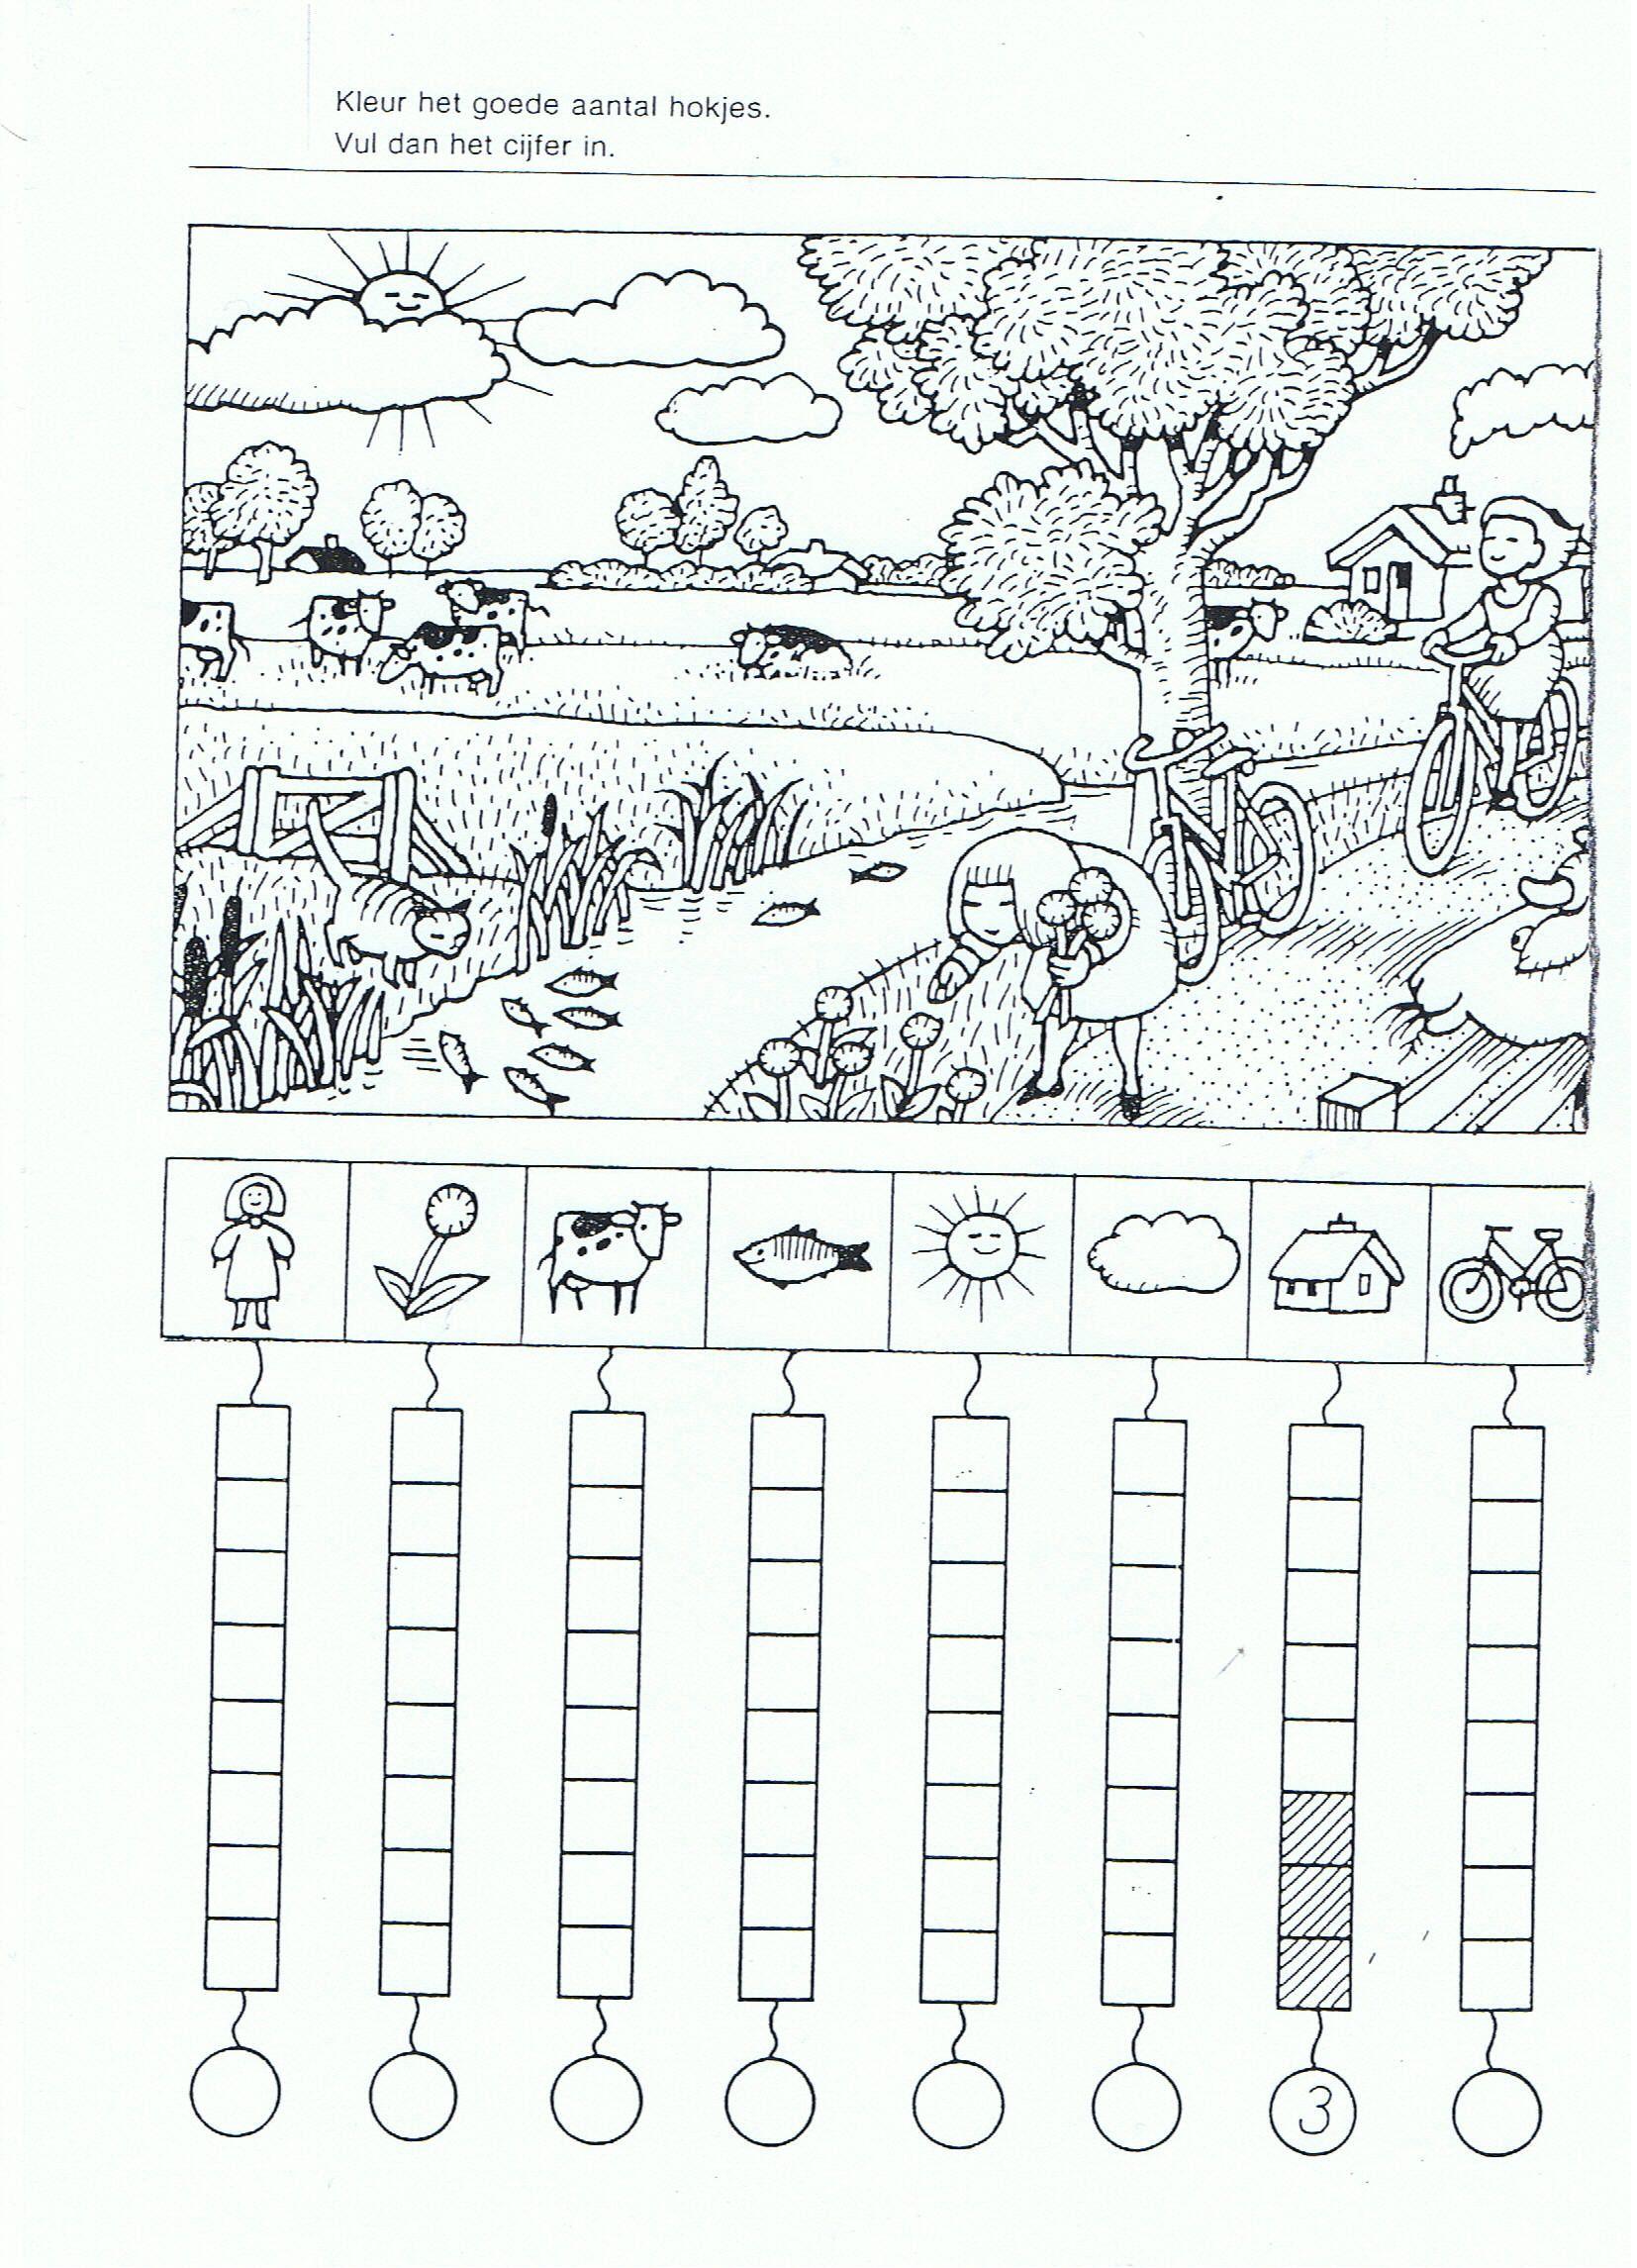 Mathe Zahlen Objekte Im Bild Finden Und Zahlen Wahrnehmung Klasse 1 Vorschule